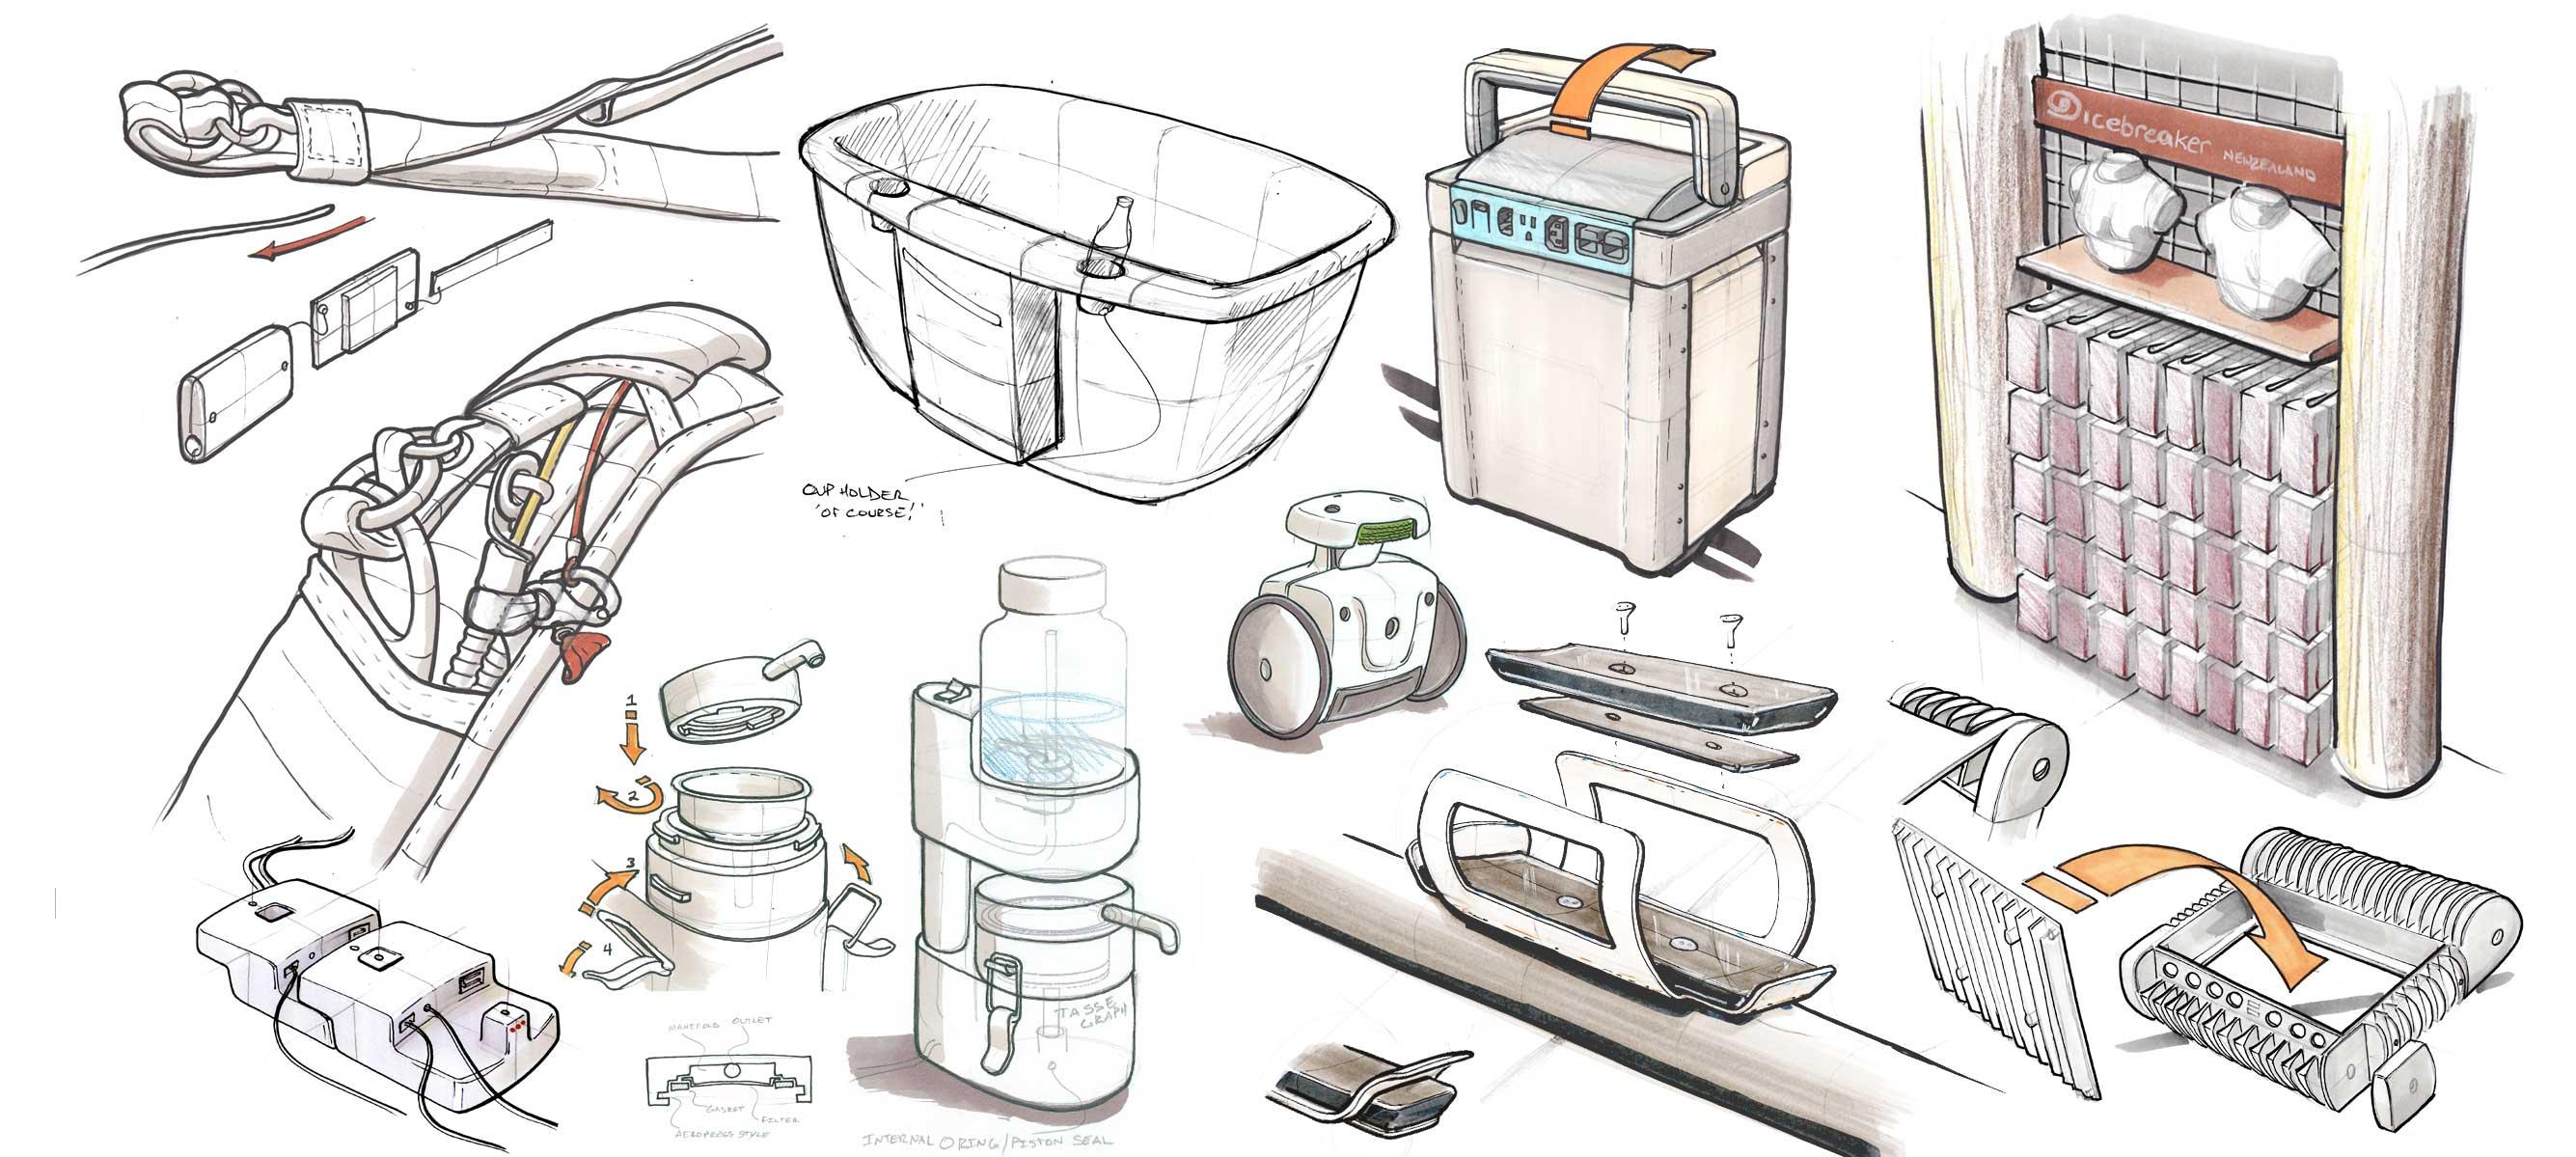 concept sketch work design samples